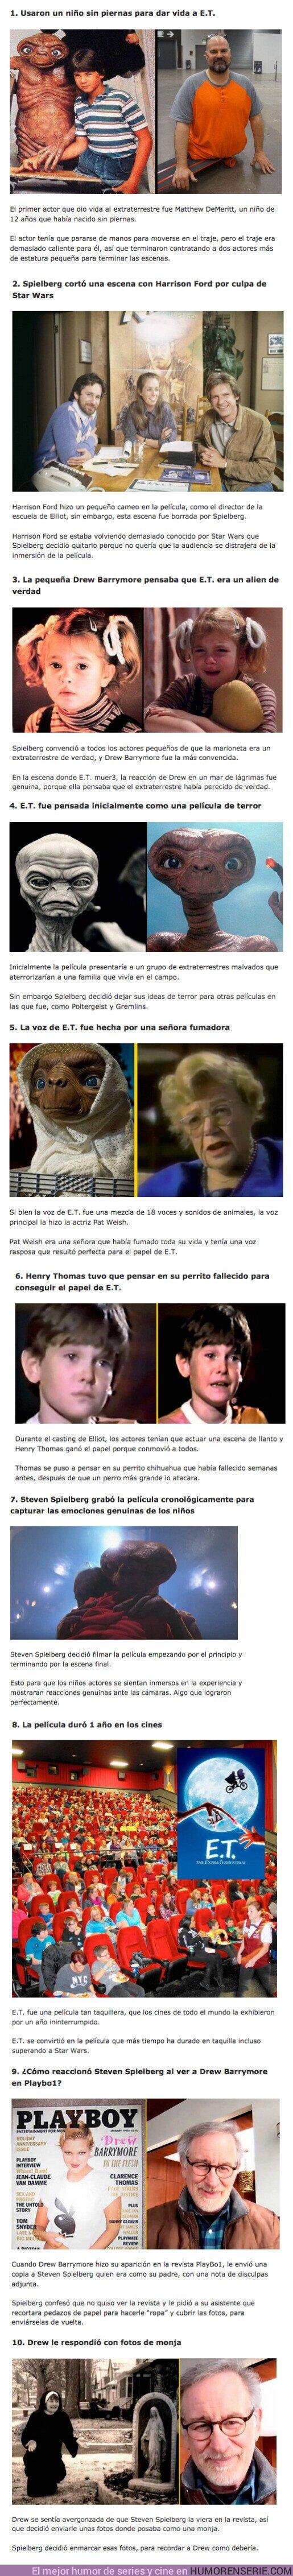 75300 - GALERÍA: 10 locuras que ocurrieron en el set de filmación de E.T.